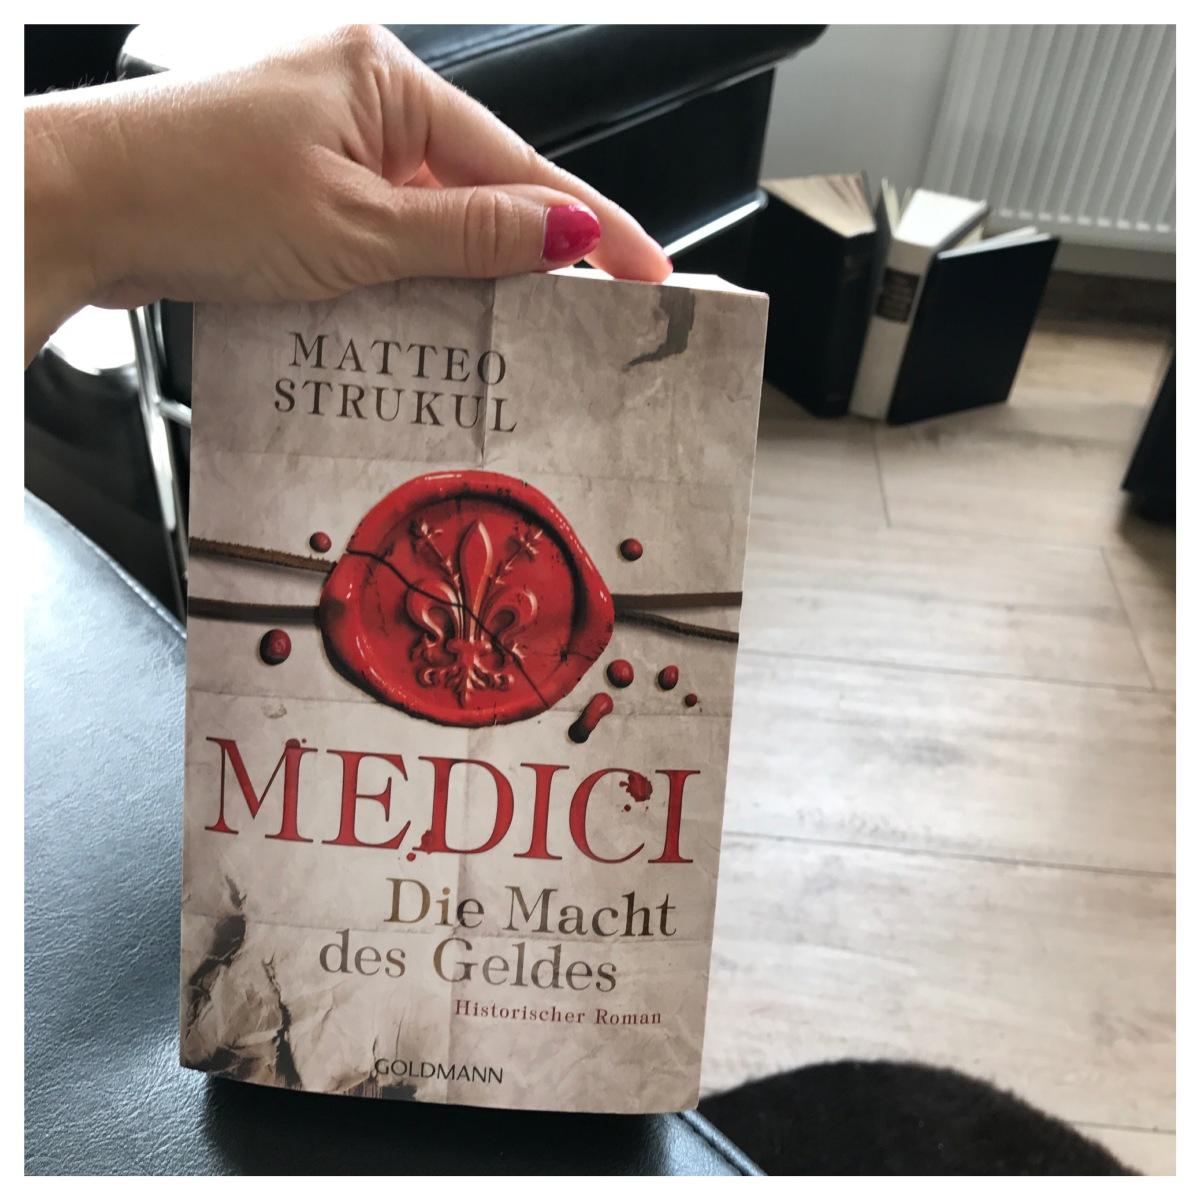 Medici - Die Macht des Geldes * Matteo Strukul